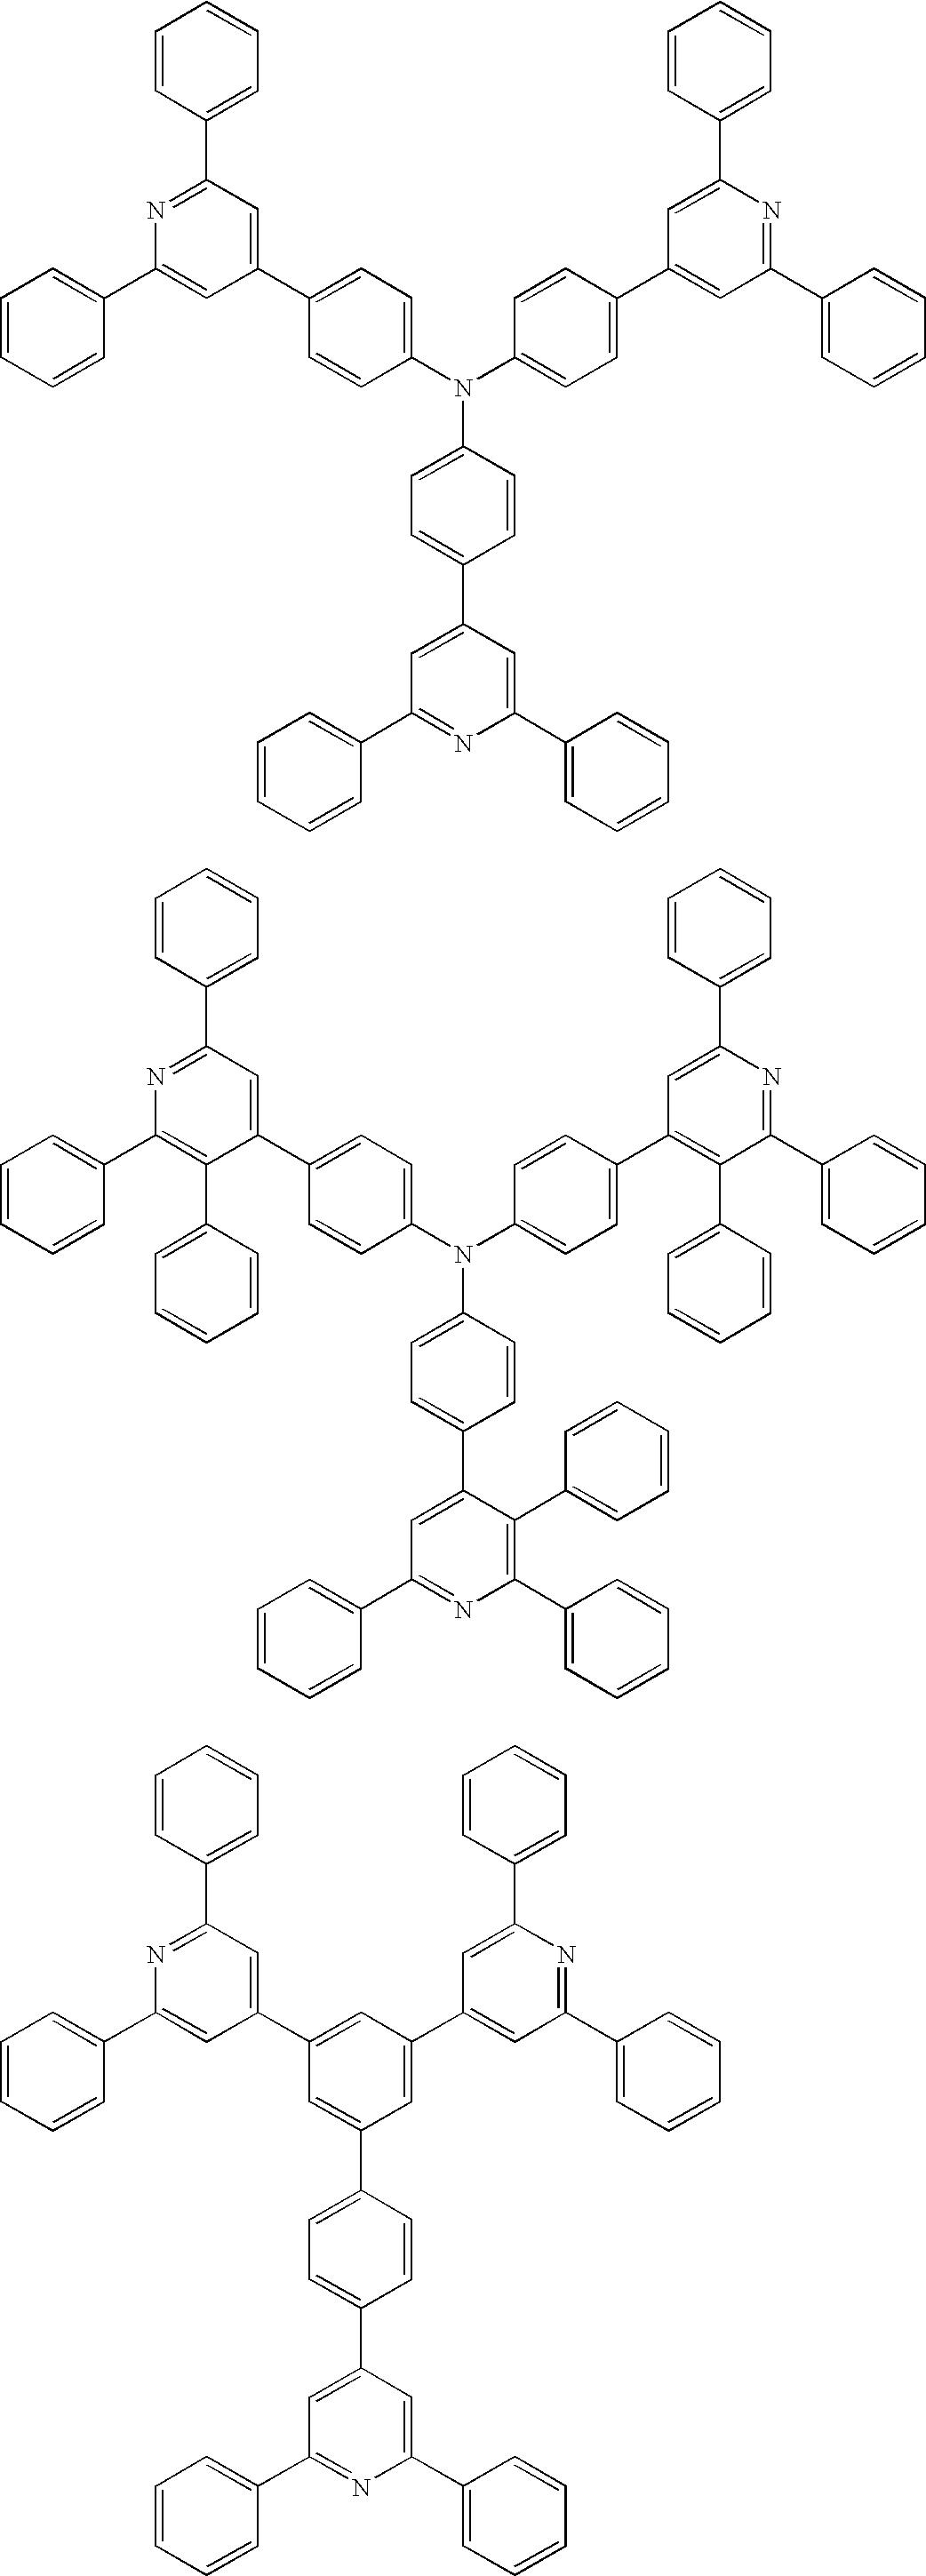 Figure US20060186796A1-20060824-C00056